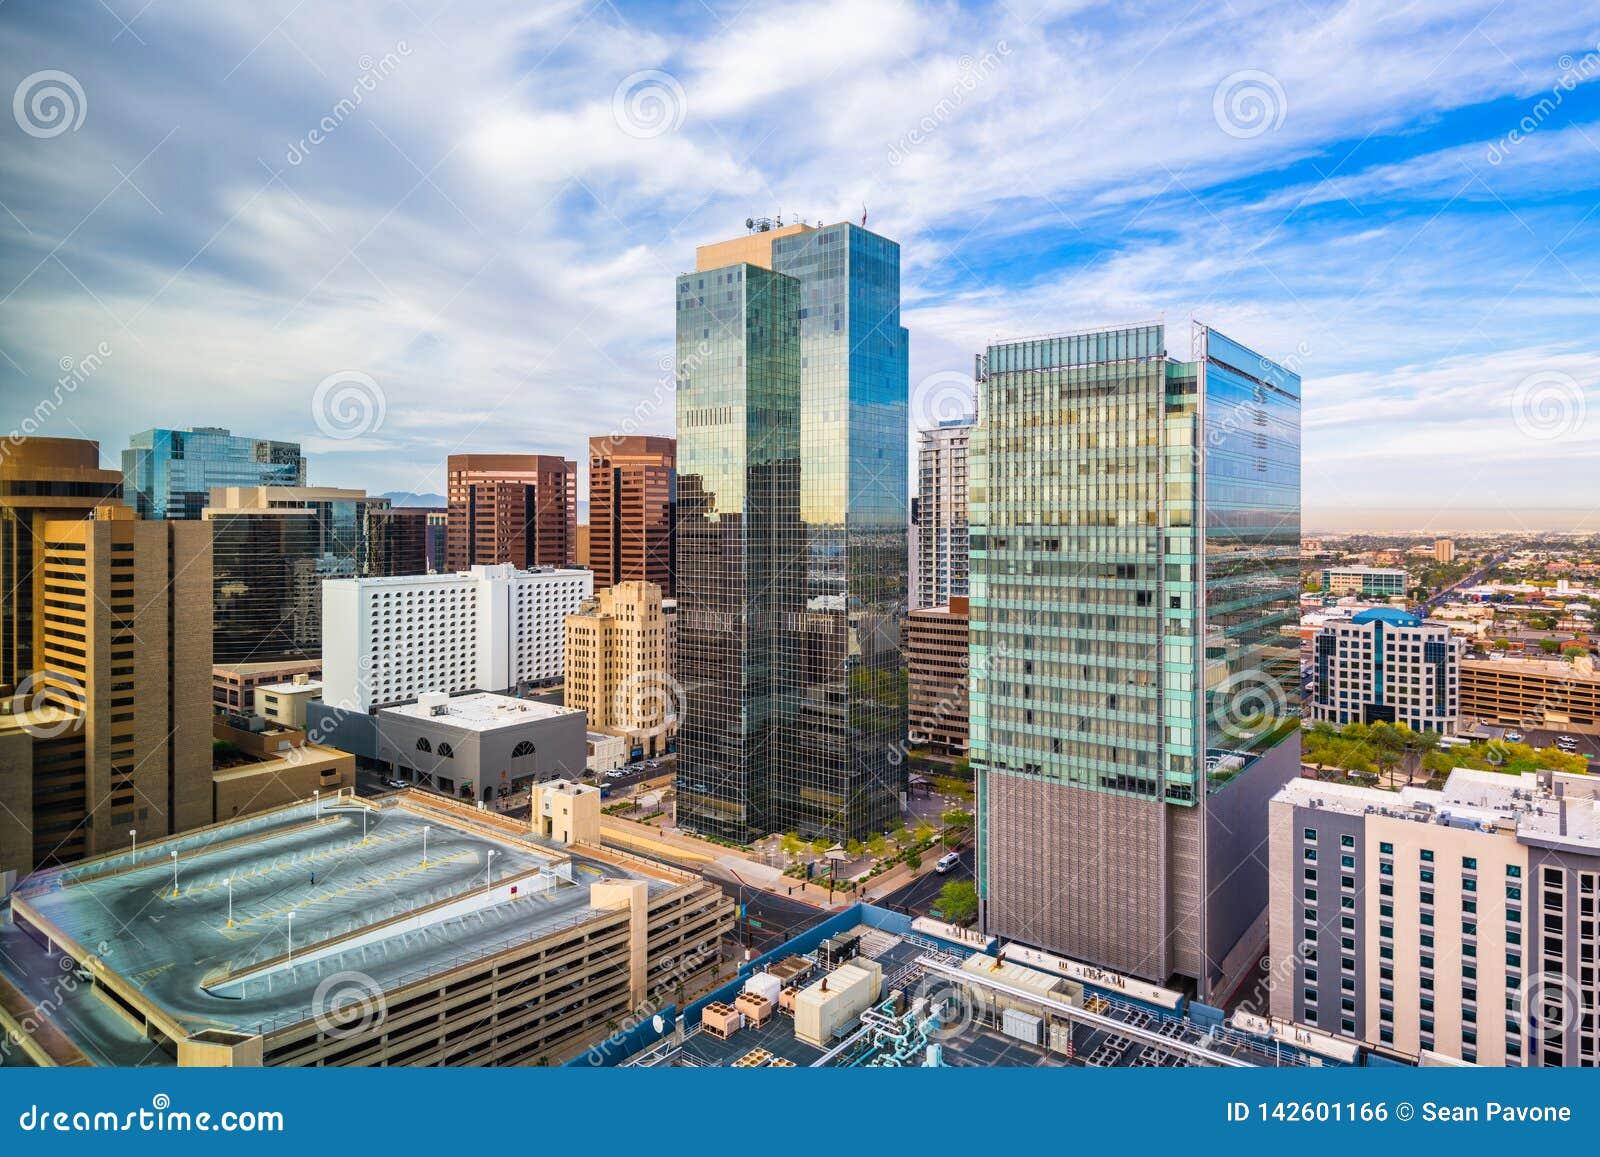 Phoenix Arizona, USA Cityscape